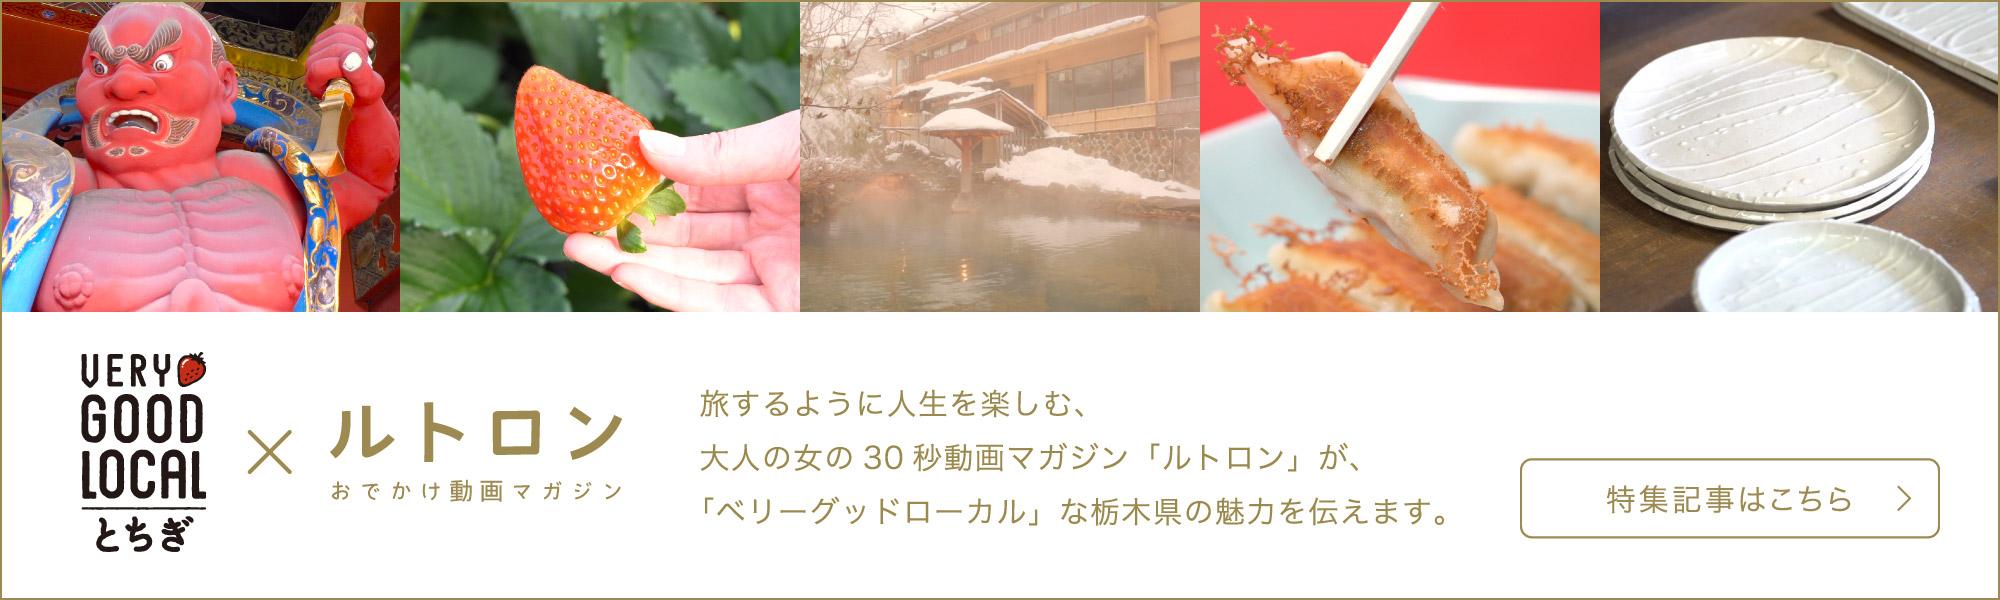 旅するように人生を楽しむ、大人の女の30秒動画マガジン「ルトロン」が、「ベリーグッドローカル」な栃木県の魅力を伝えます。